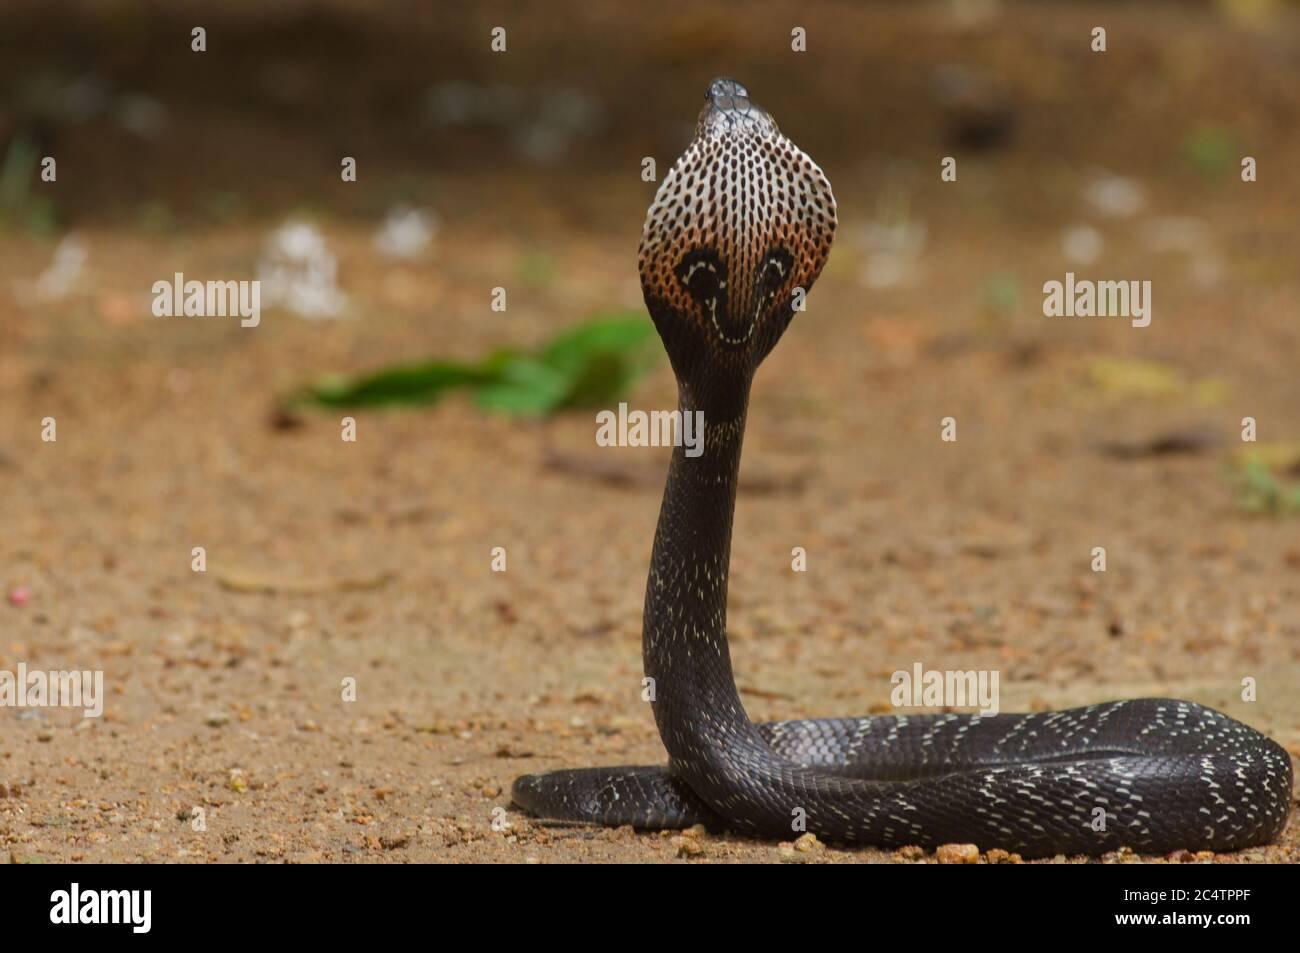 Una cobra moteado encapuchado (Naja naja) de la selva baja de Kalutara, Sri Lanka Foto de stock